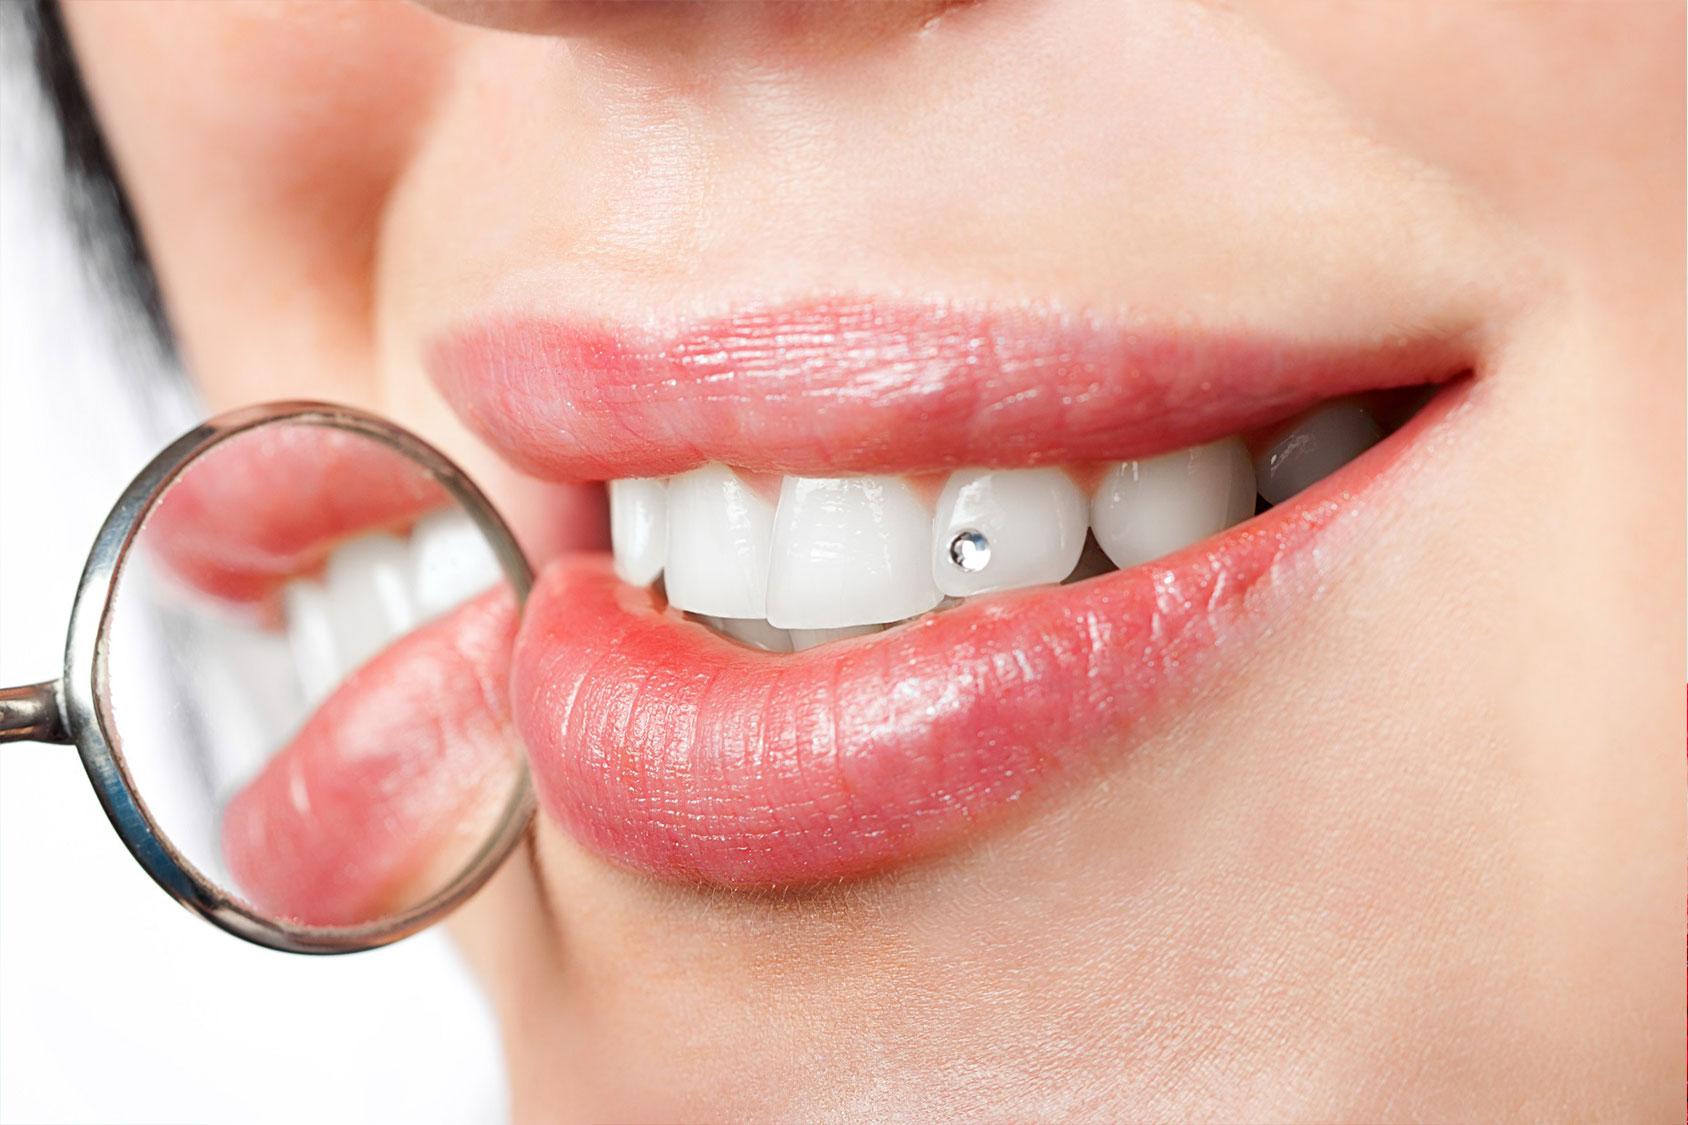 Il brillantino al dente é sempre di moda, ma i rischi?